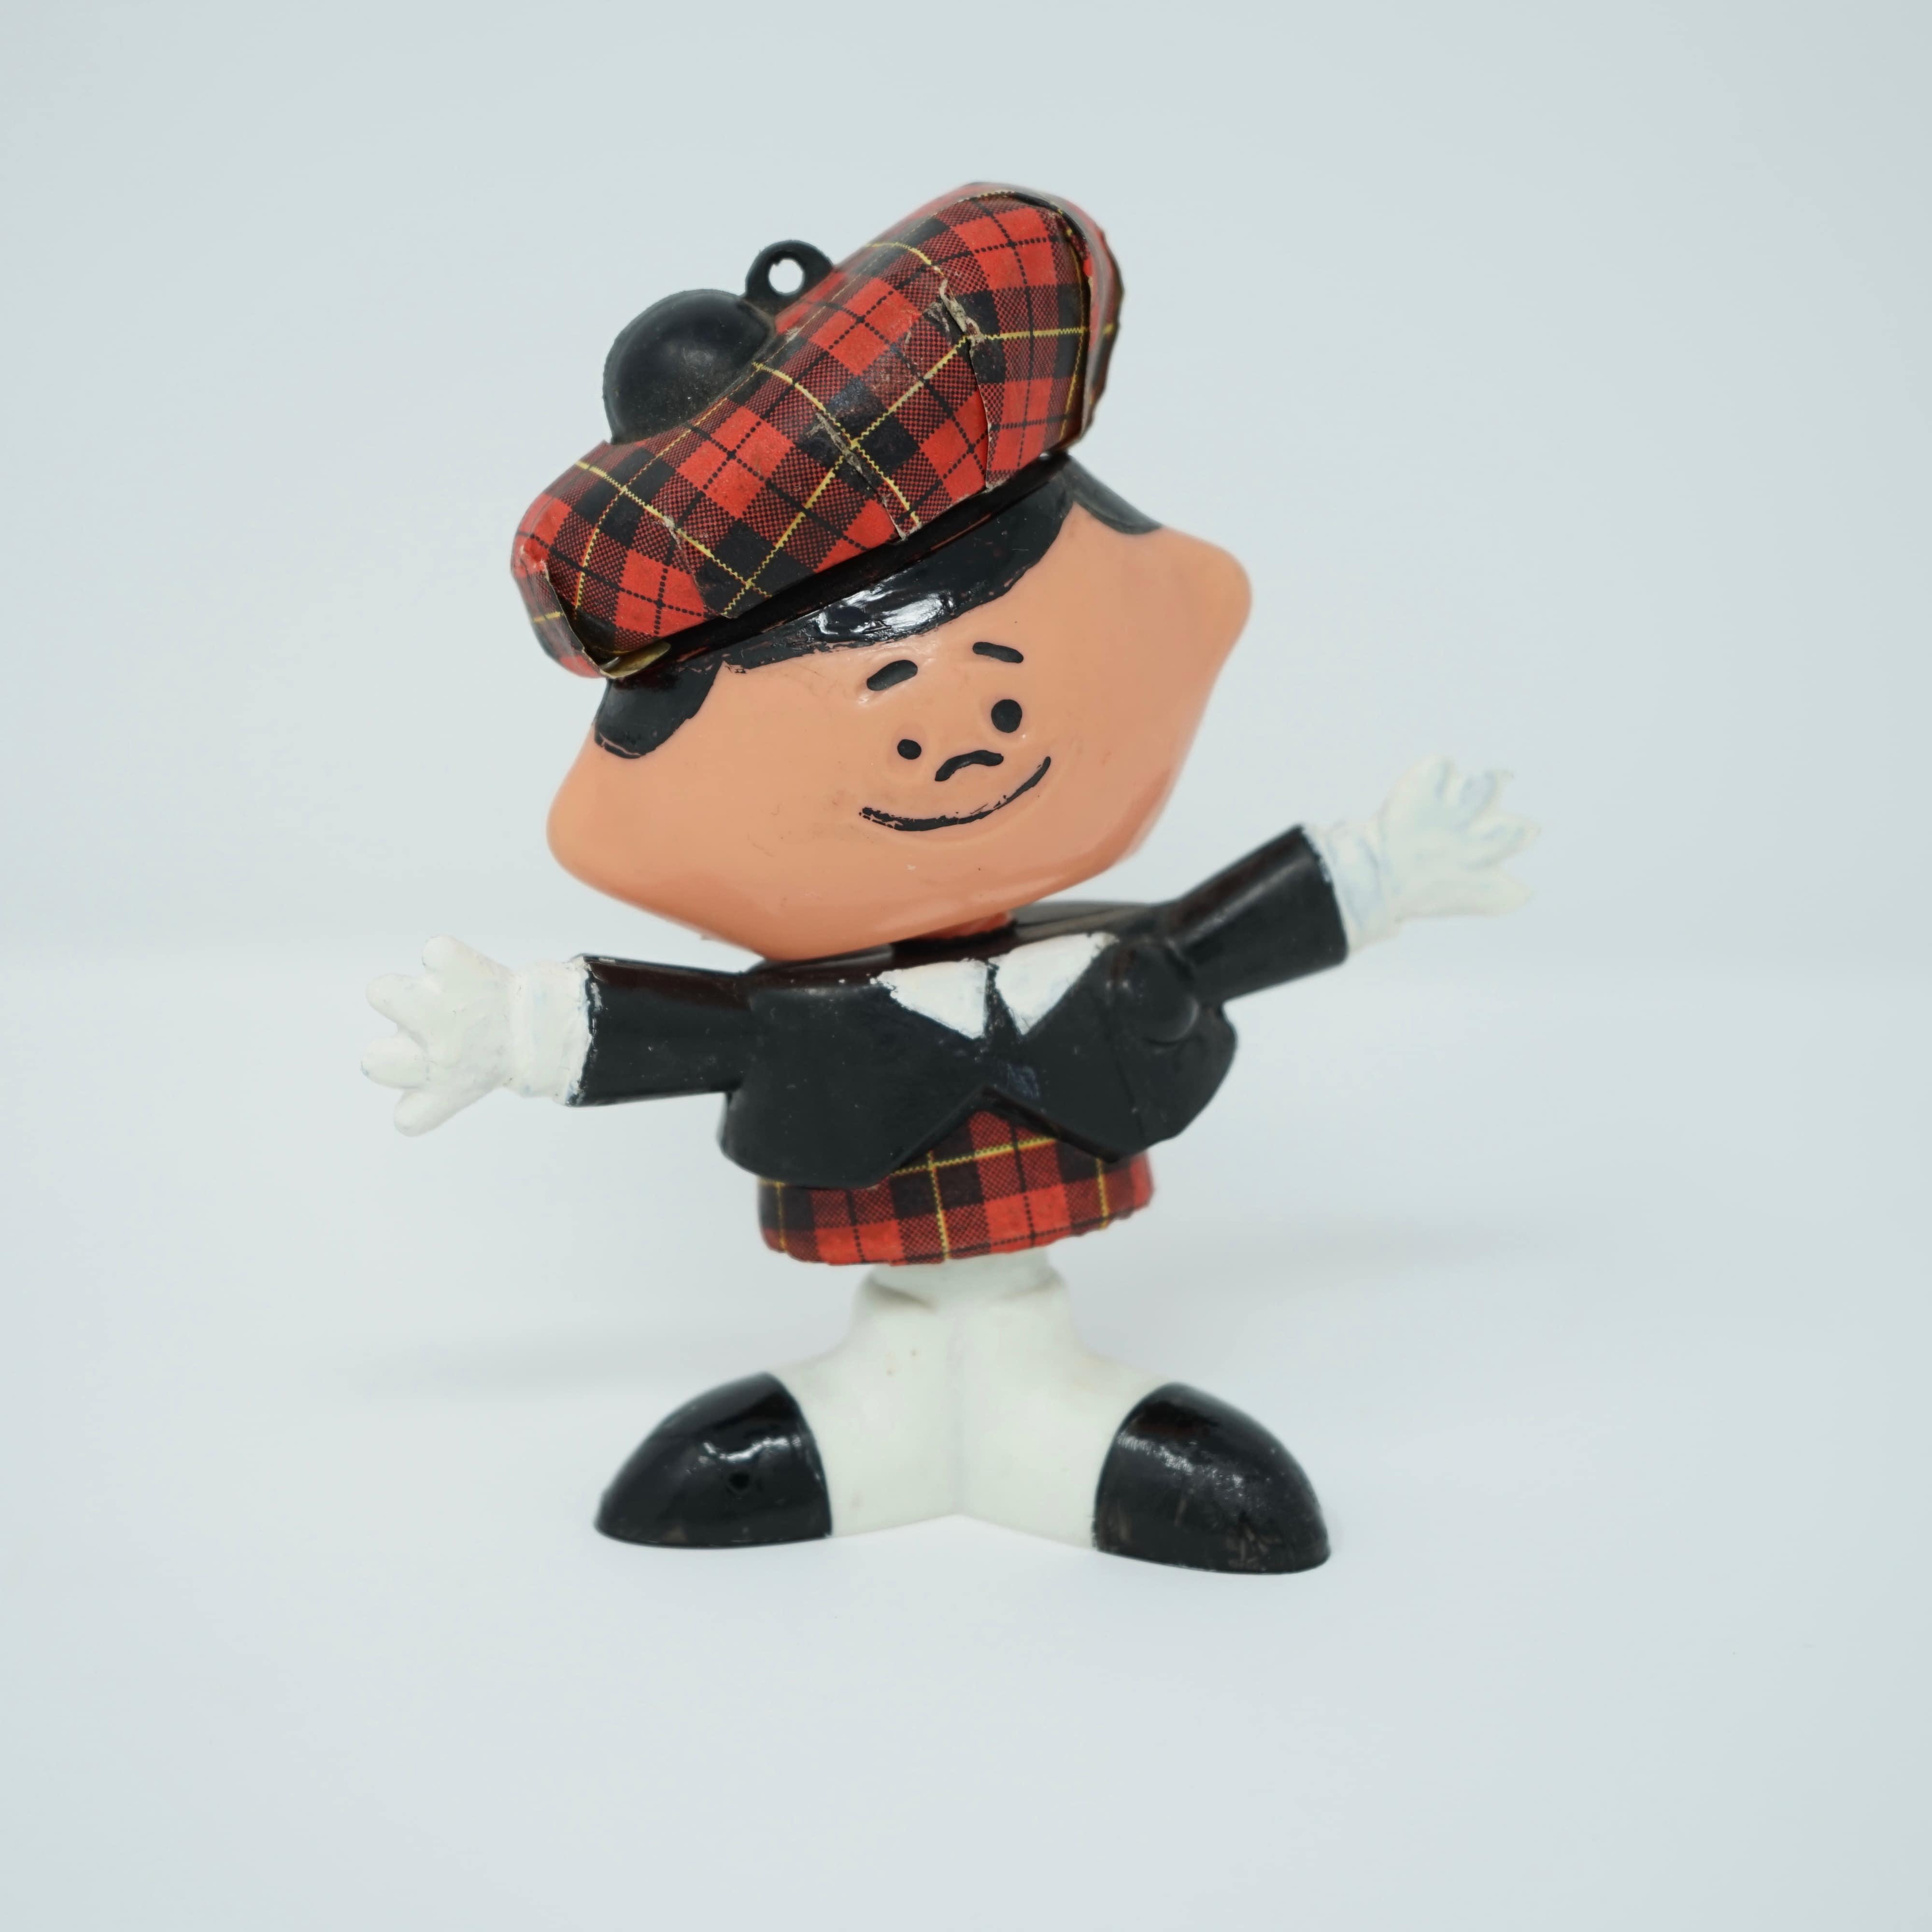 Personnage Publicitaire Scotty Marque Scotch